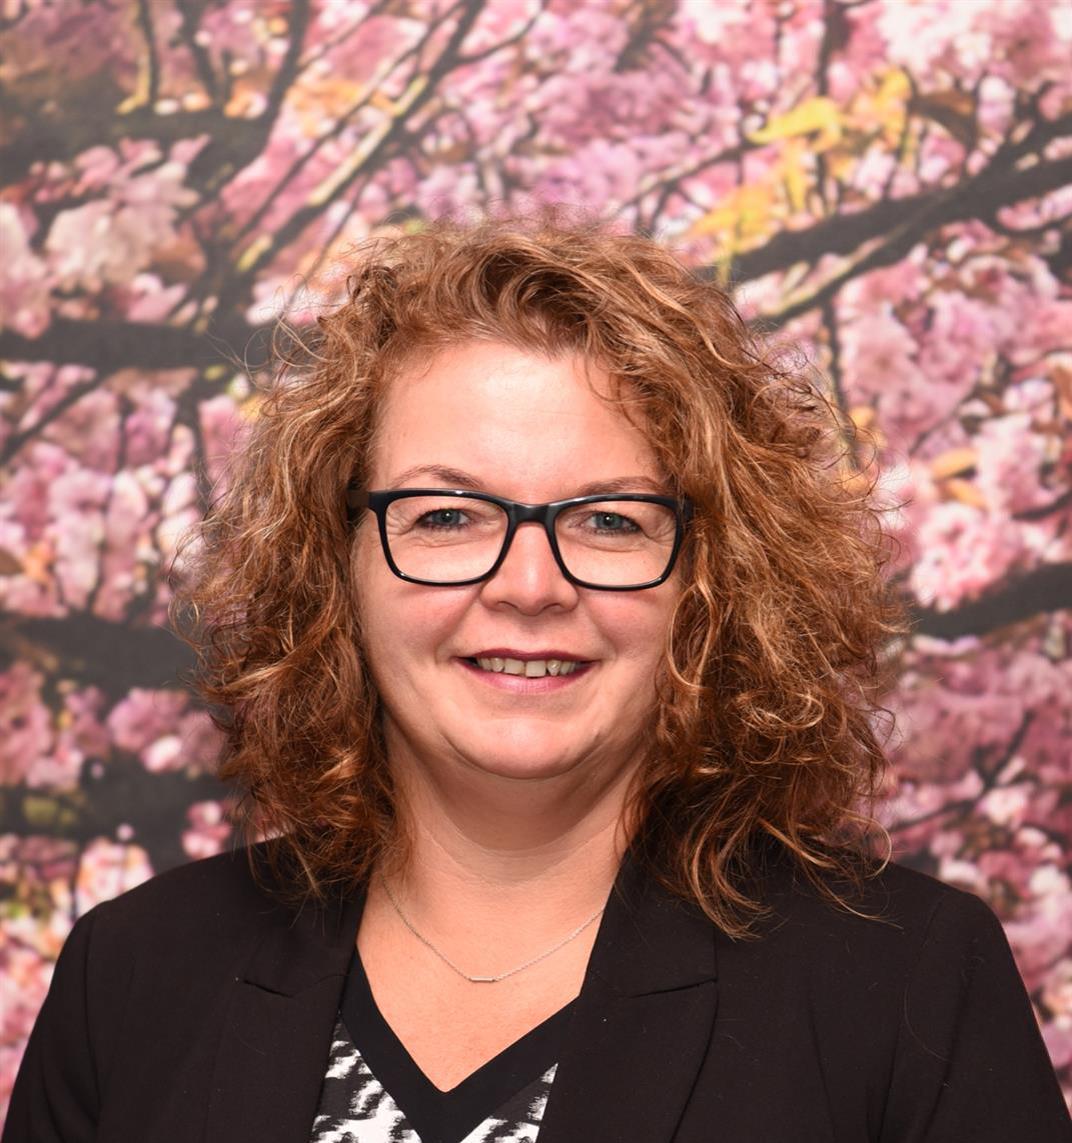 Esther Vieveen, uitvaartleidster bij D&O uitvaartverzorging